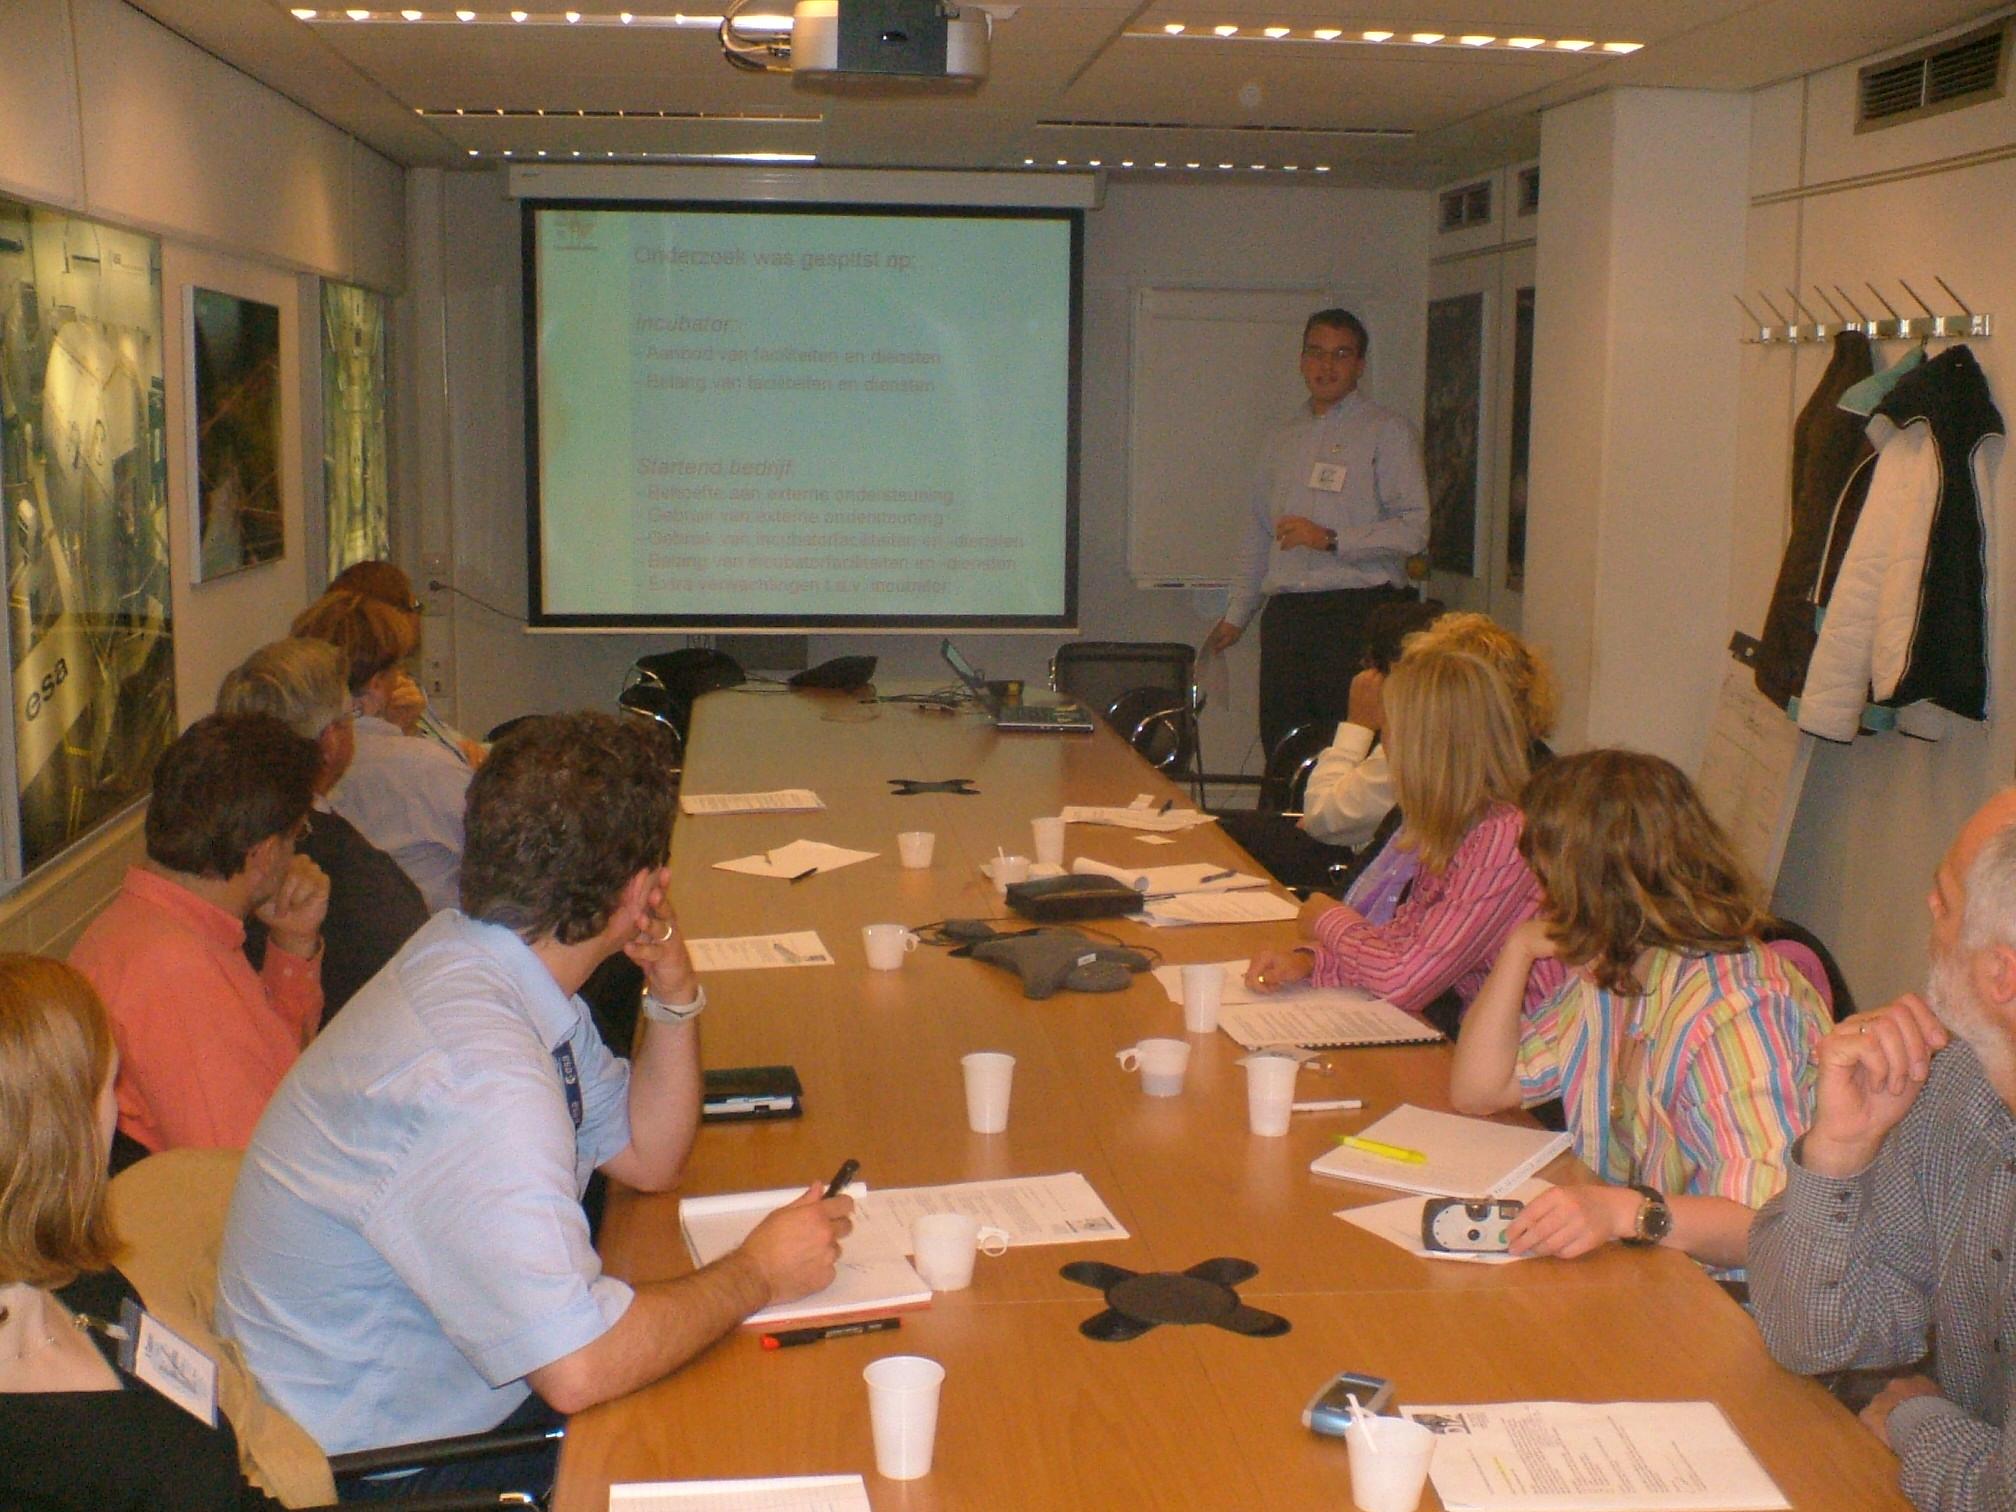 Presentatie Niels 5-10-04